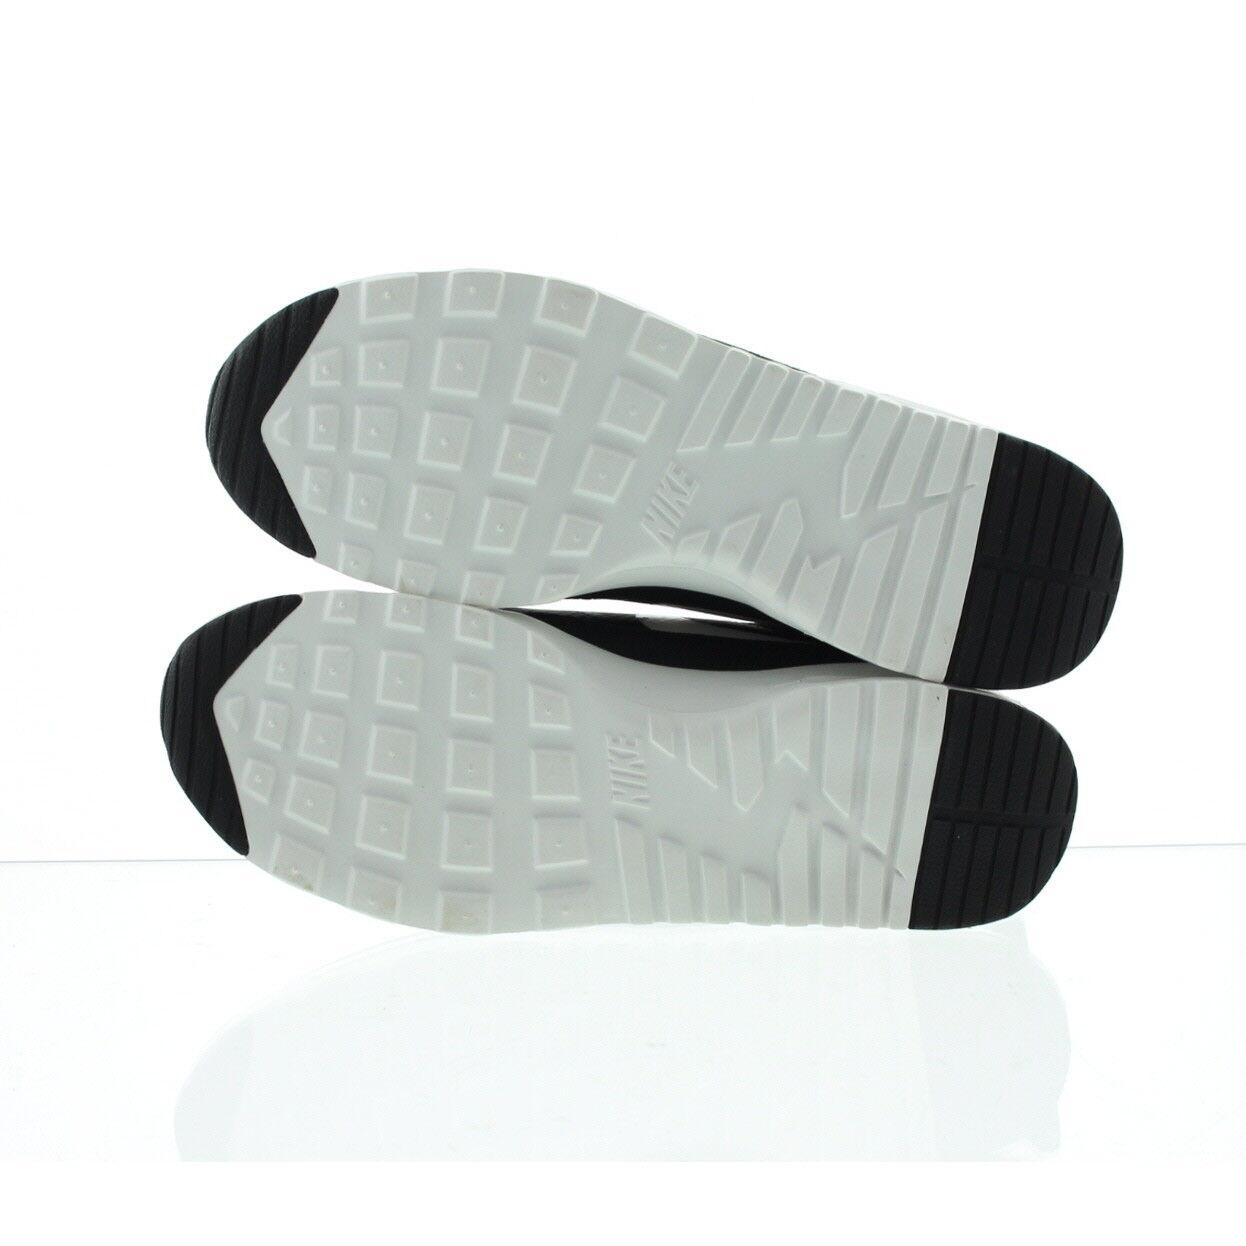 Nike air max 599409 donne thea finendo finendo finendo sopra scarpe da ginnastica. | La Qualità Del Prodotto  | Uomo/Donne Scarpa  2b92ca